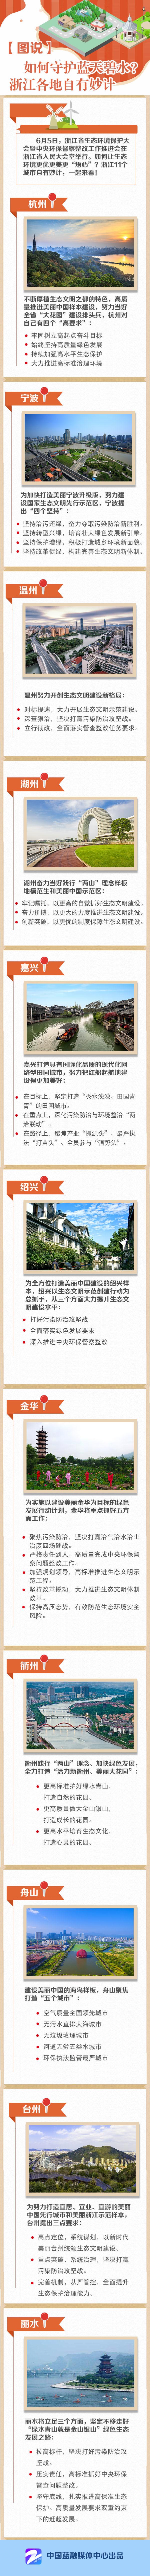 北京快乐8为什么会输:【图说】如何守护蓝天碧水?浙江各地自有妙计